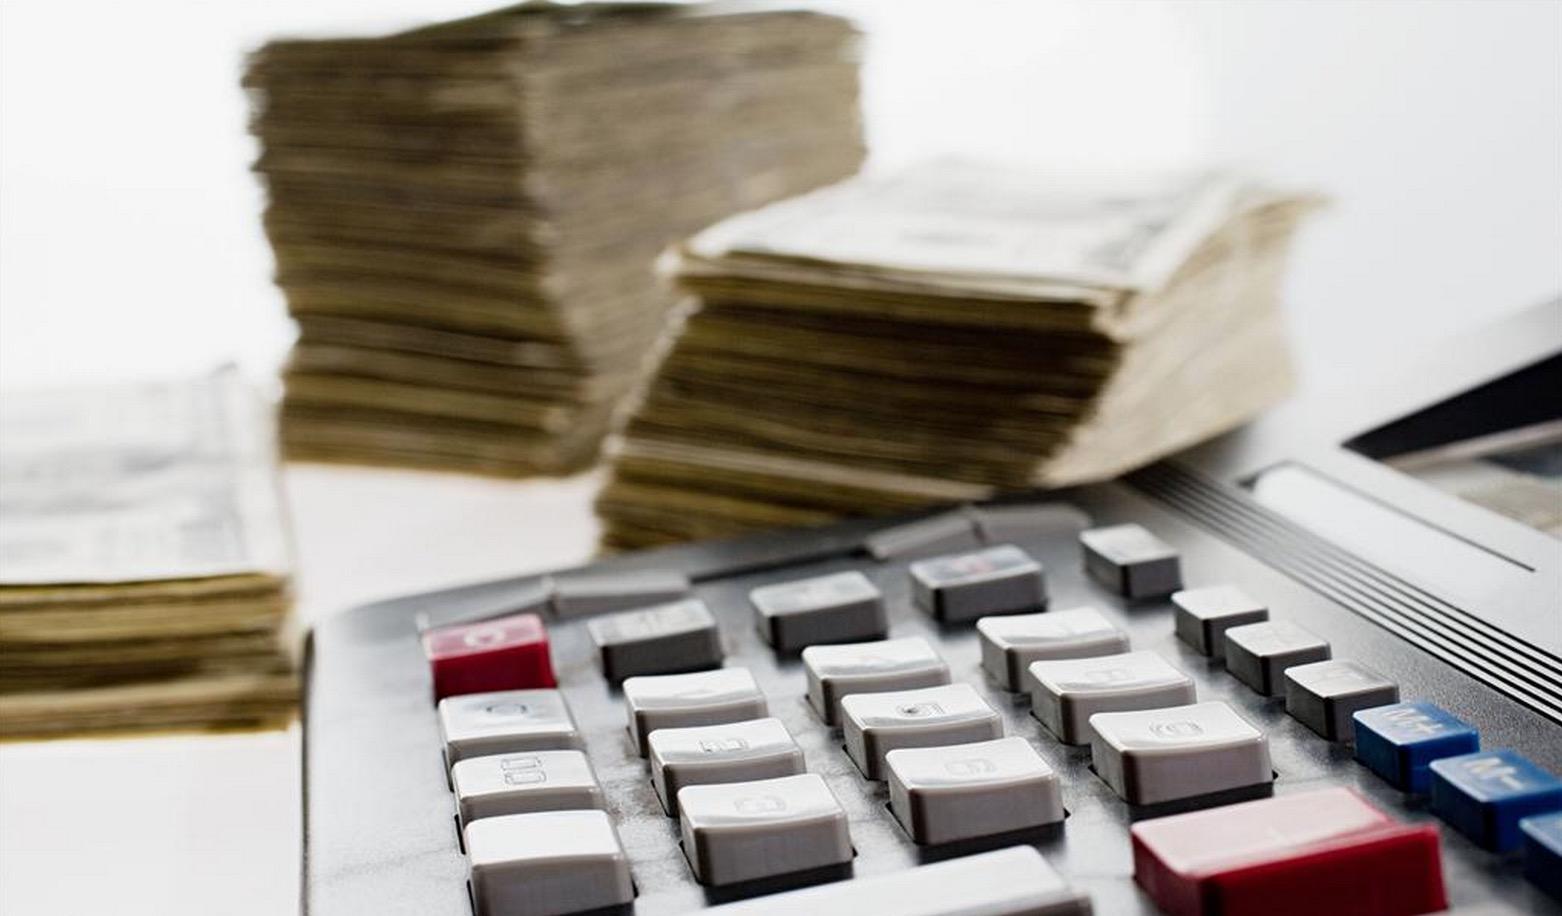 立思辰2016上半年净利润3024万元,同比增长337%